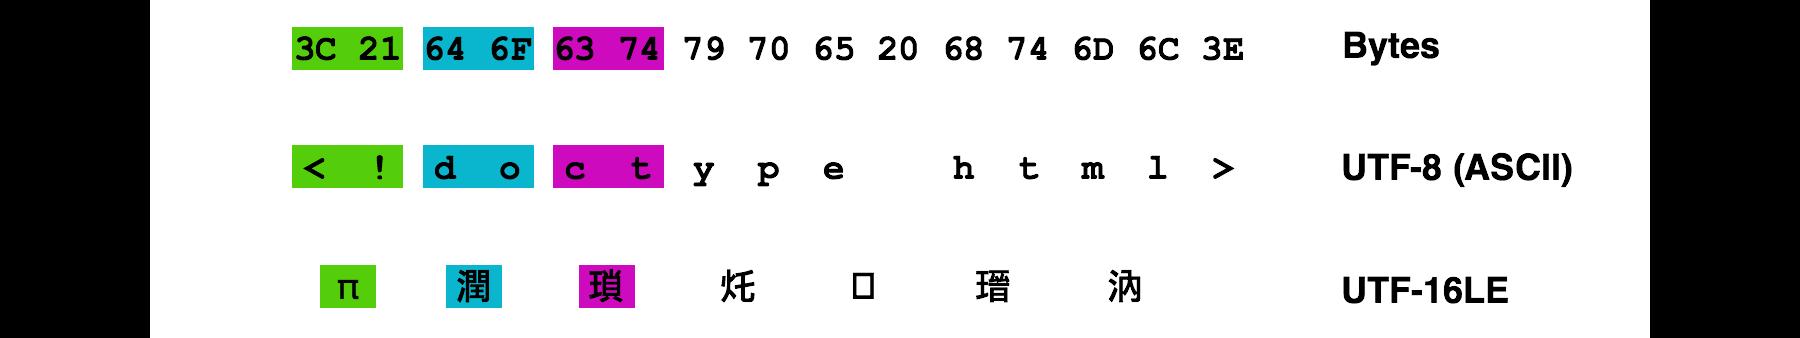 image.png-41.3kB